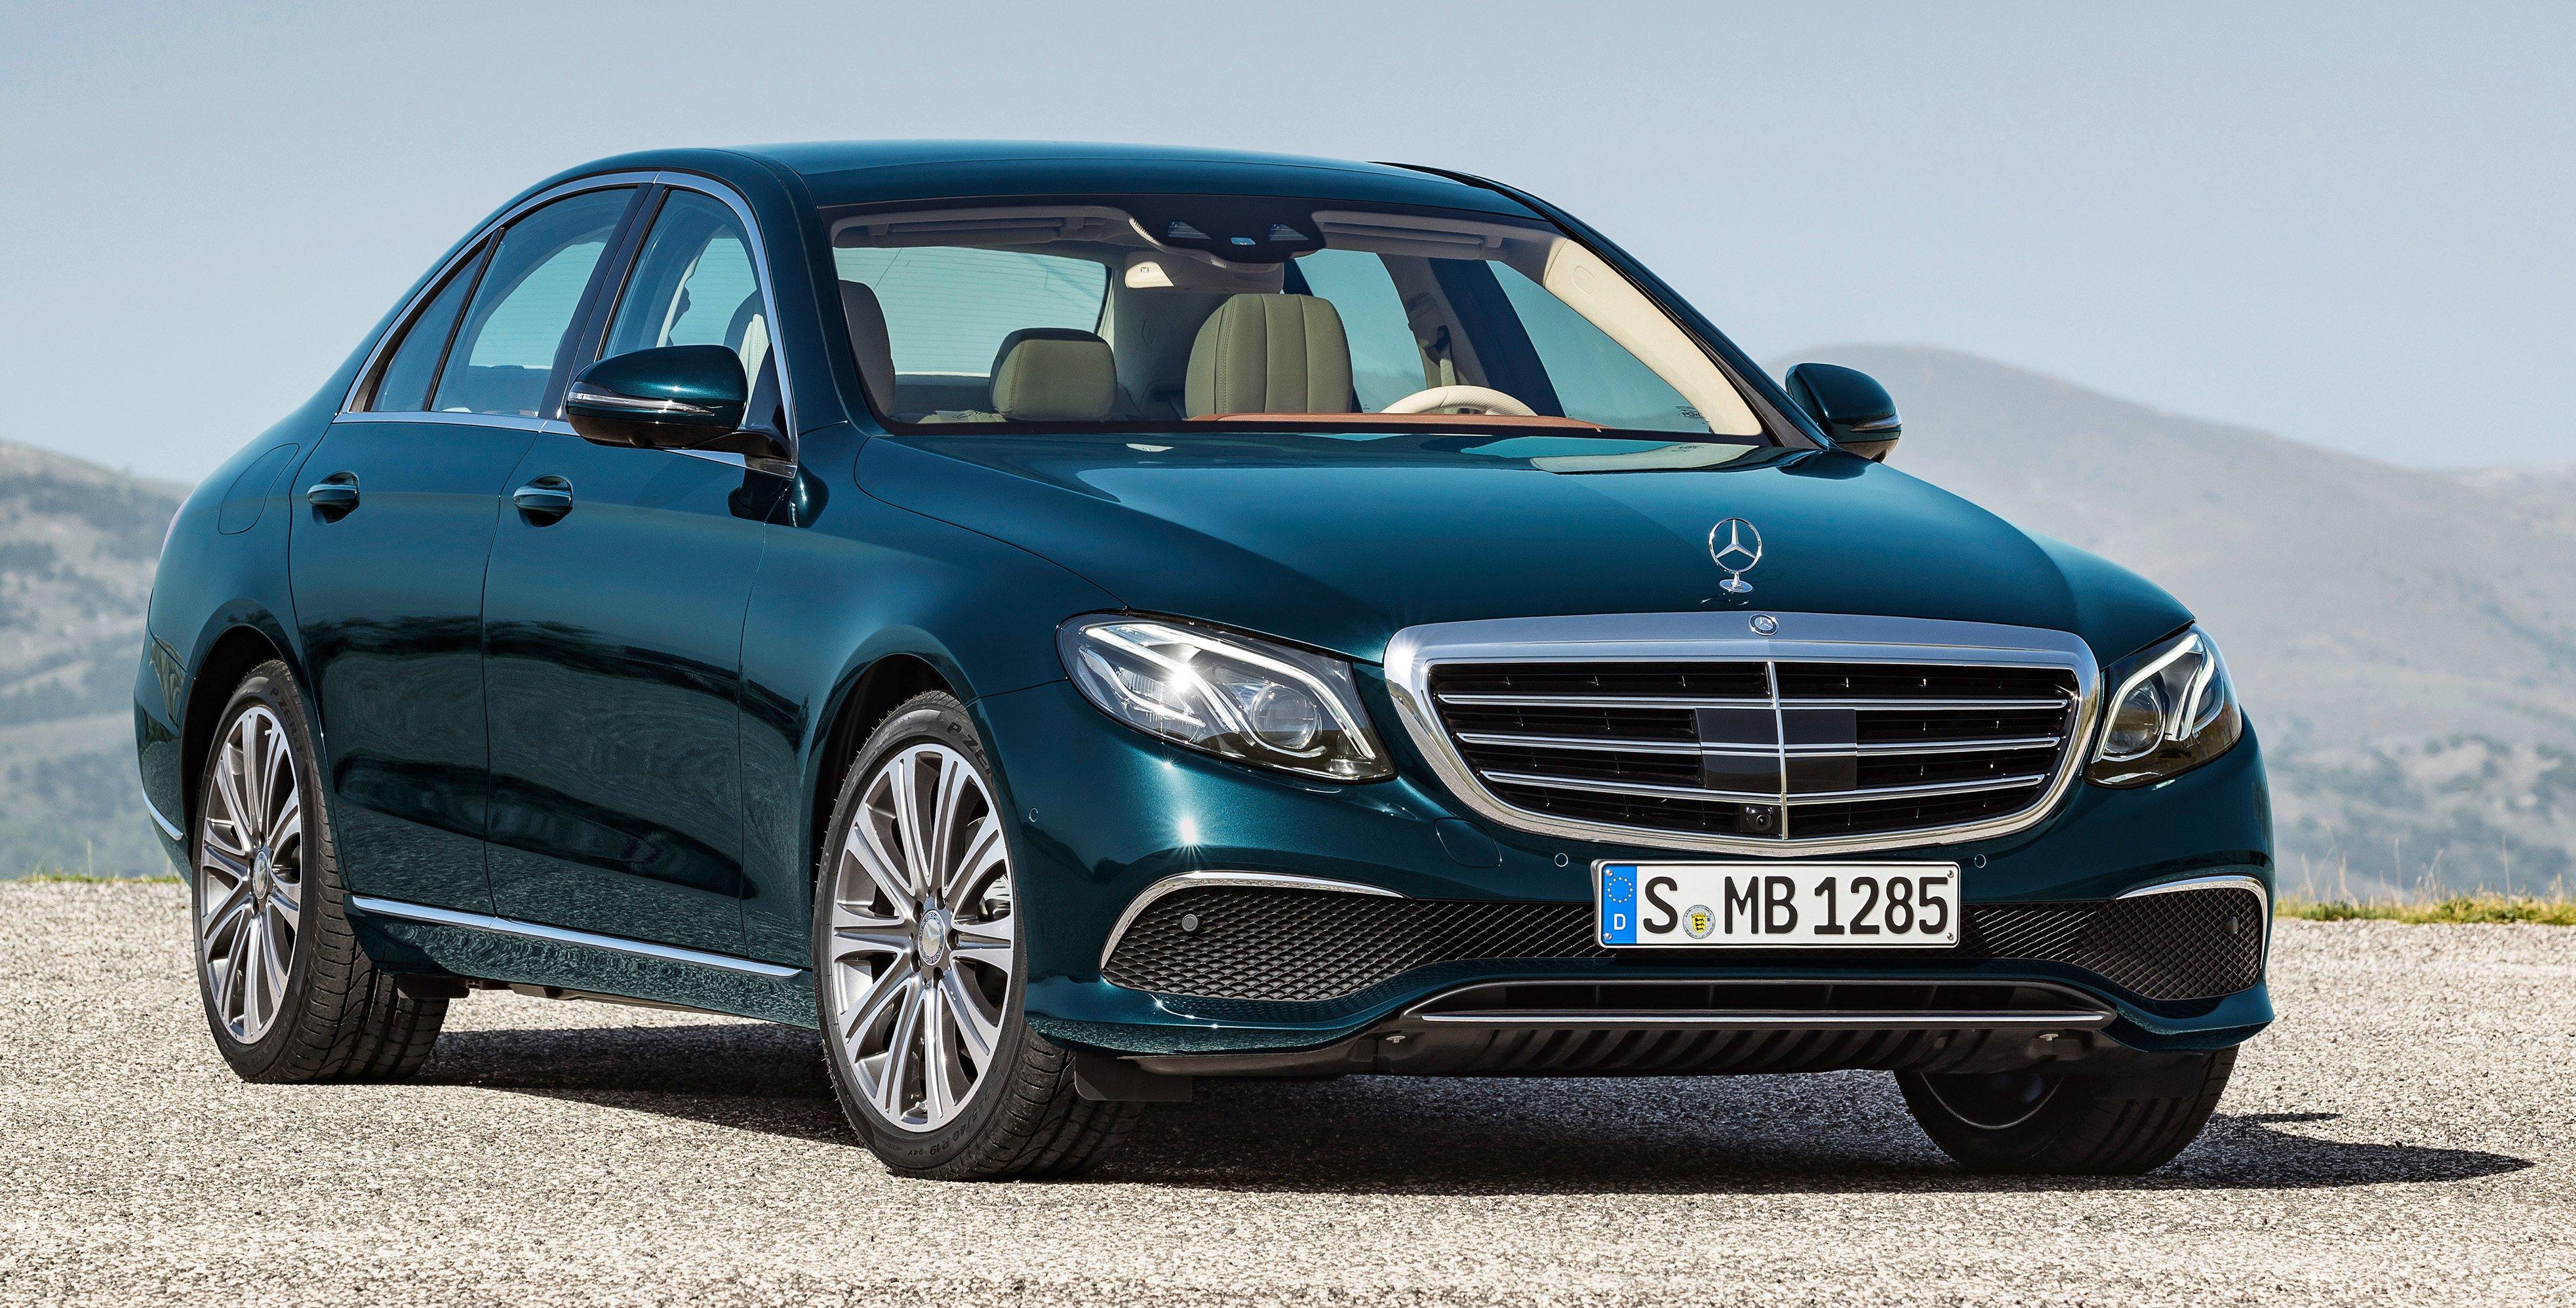 W213 mercedes benz e class full details pics video for Mercedes benz star motors